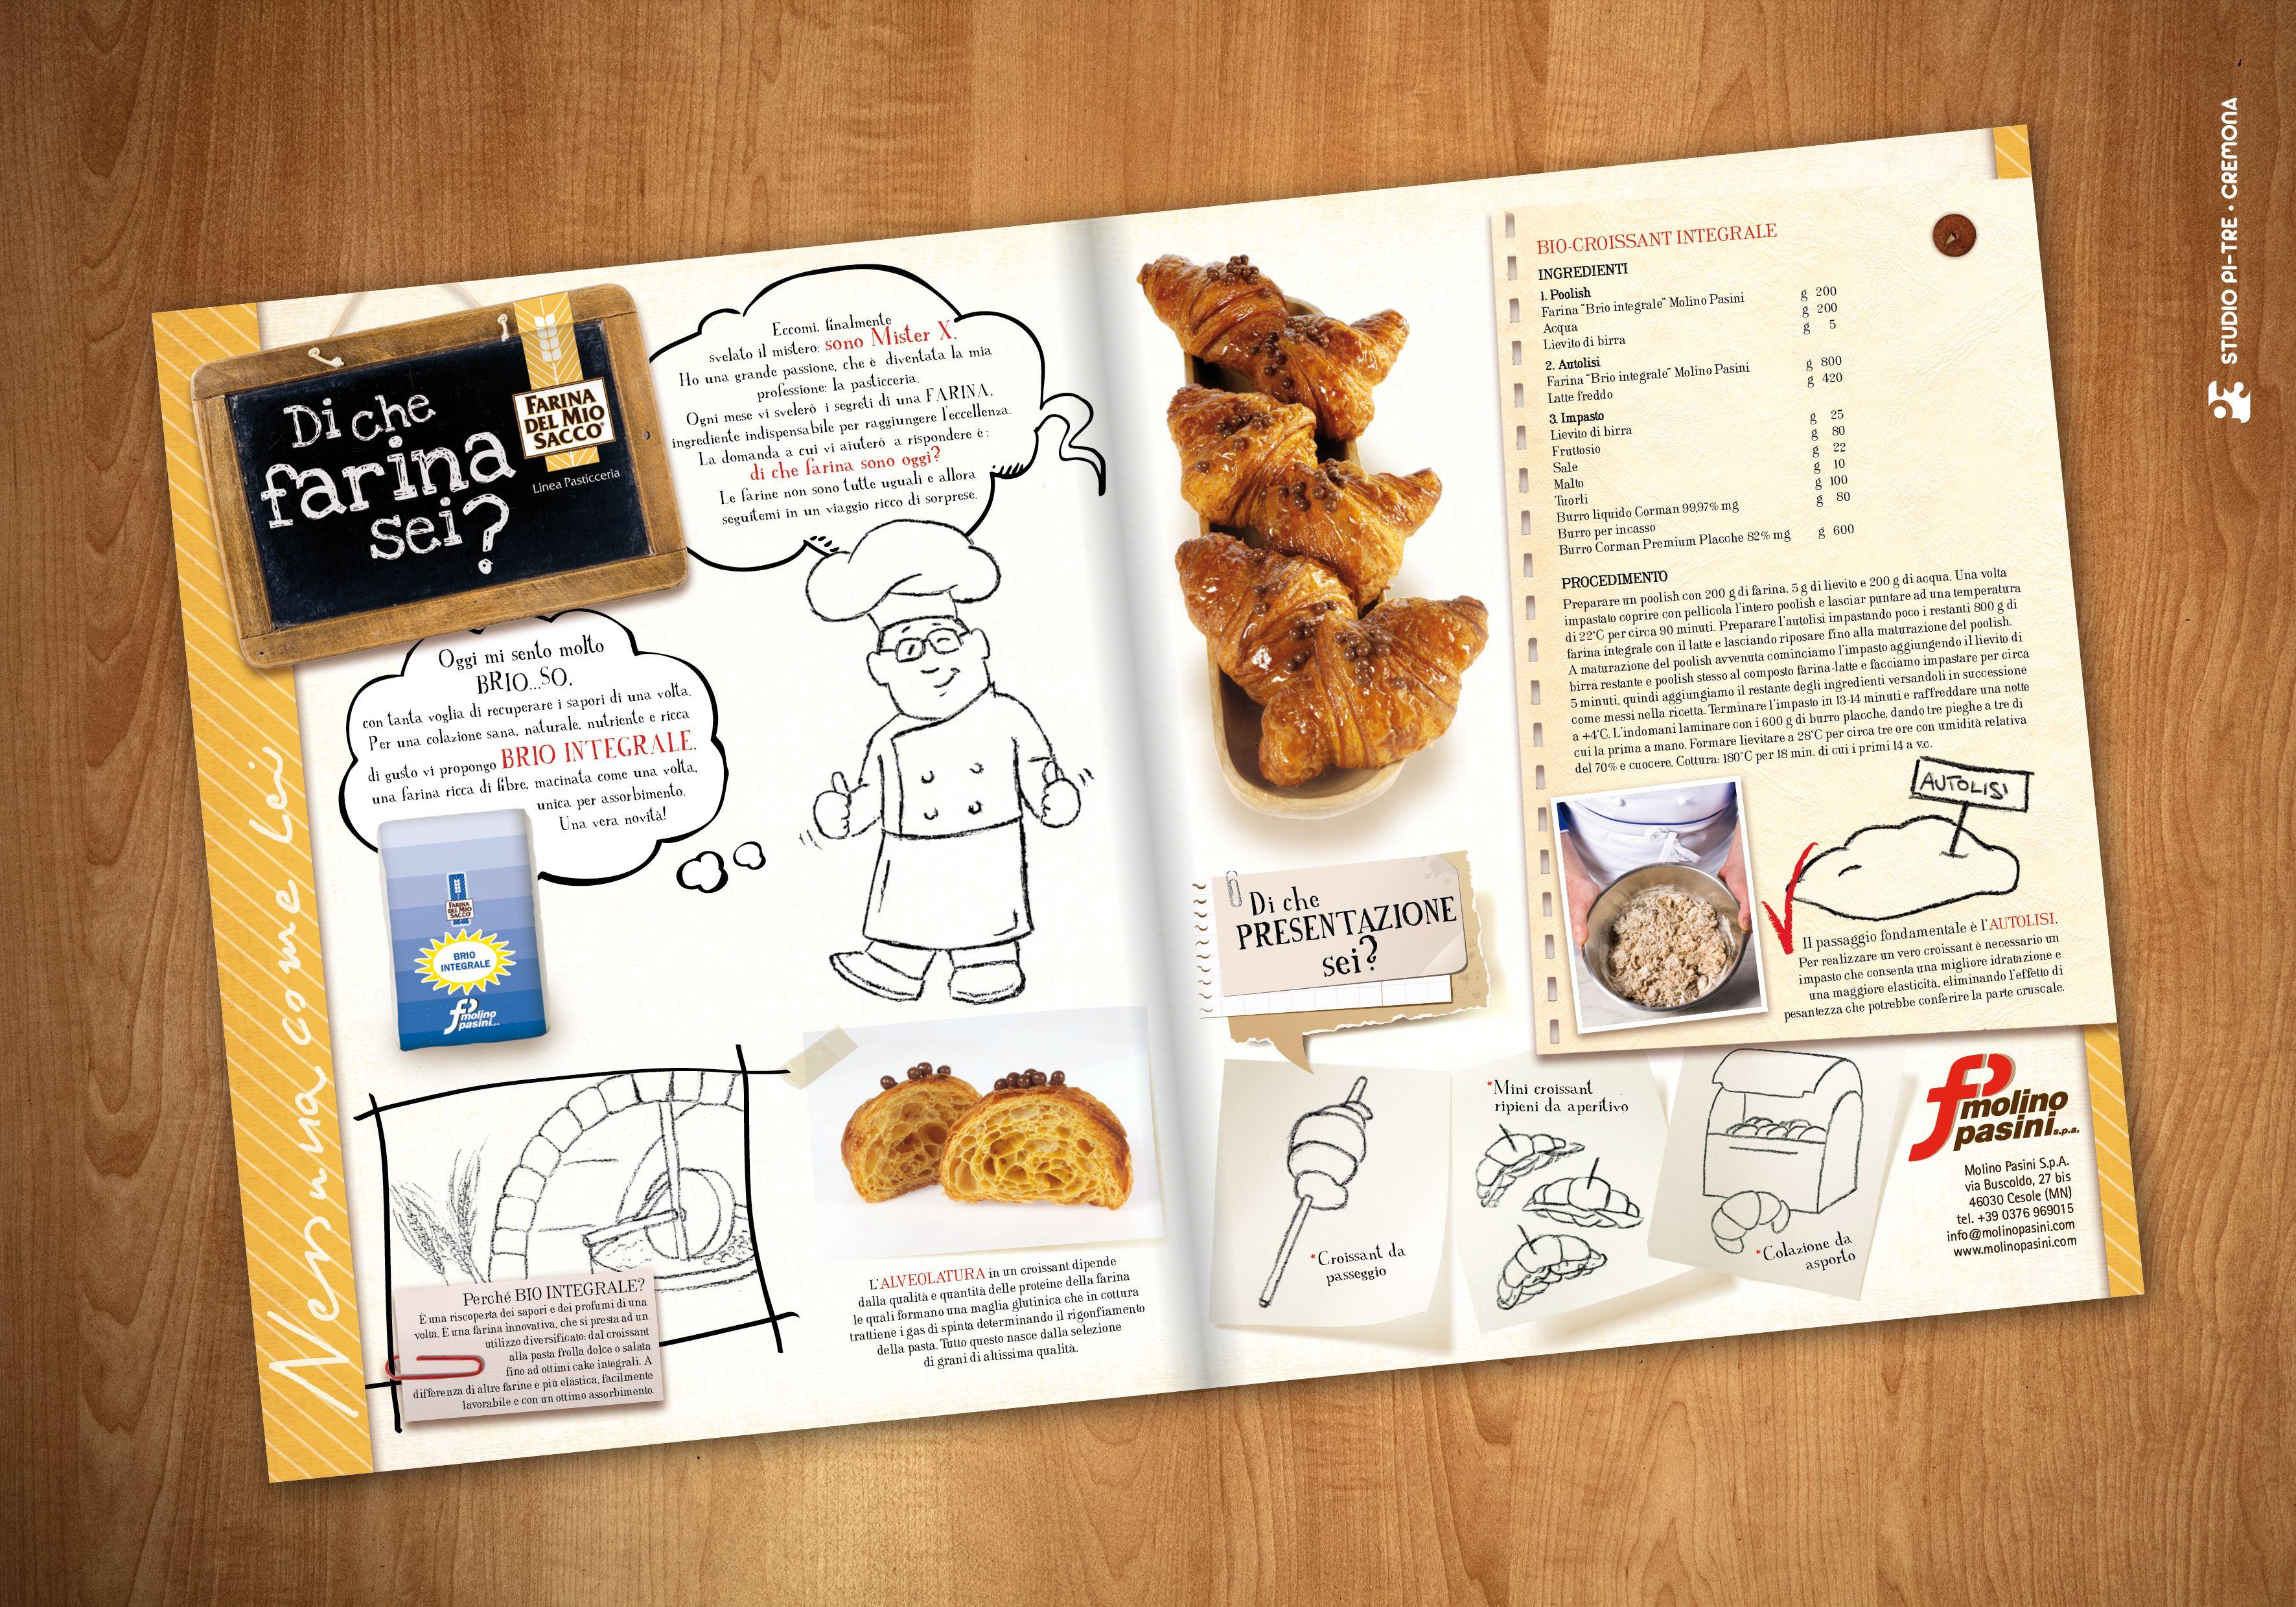 """Pubbliredazionale """"Di che farina sei?"""" - Cooking with flour advertorial © Studio Pi Tre (Cremona - Italy)"""